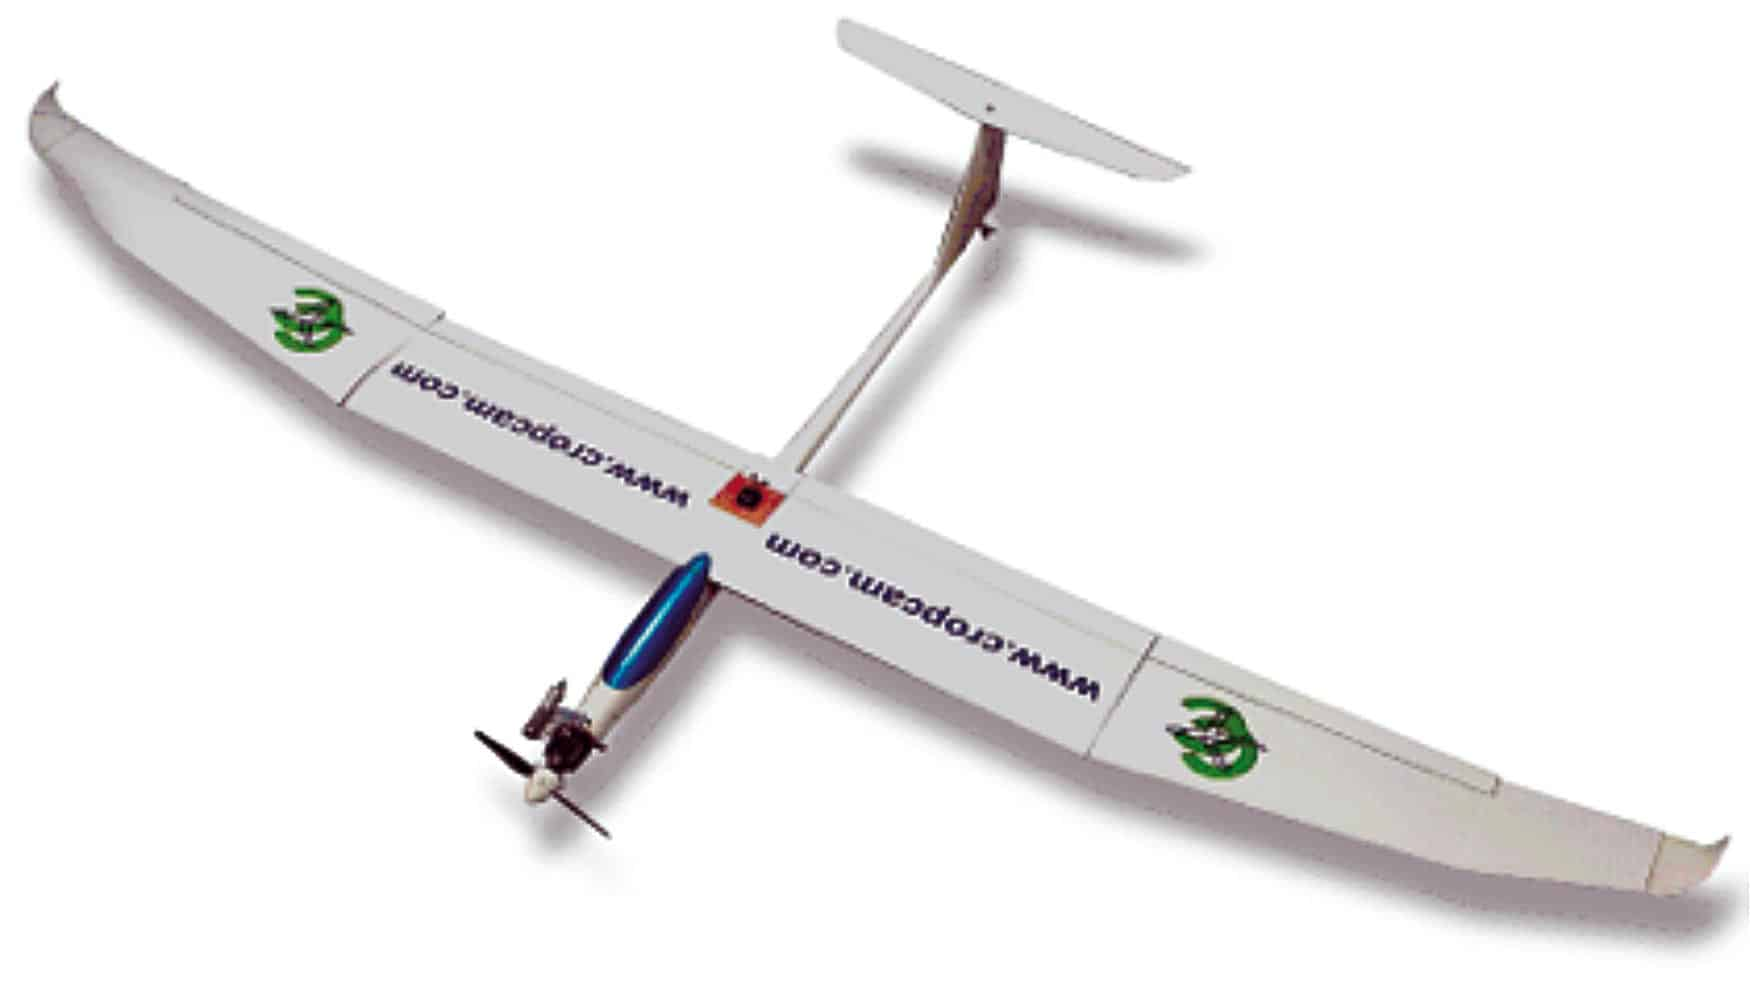 dron8